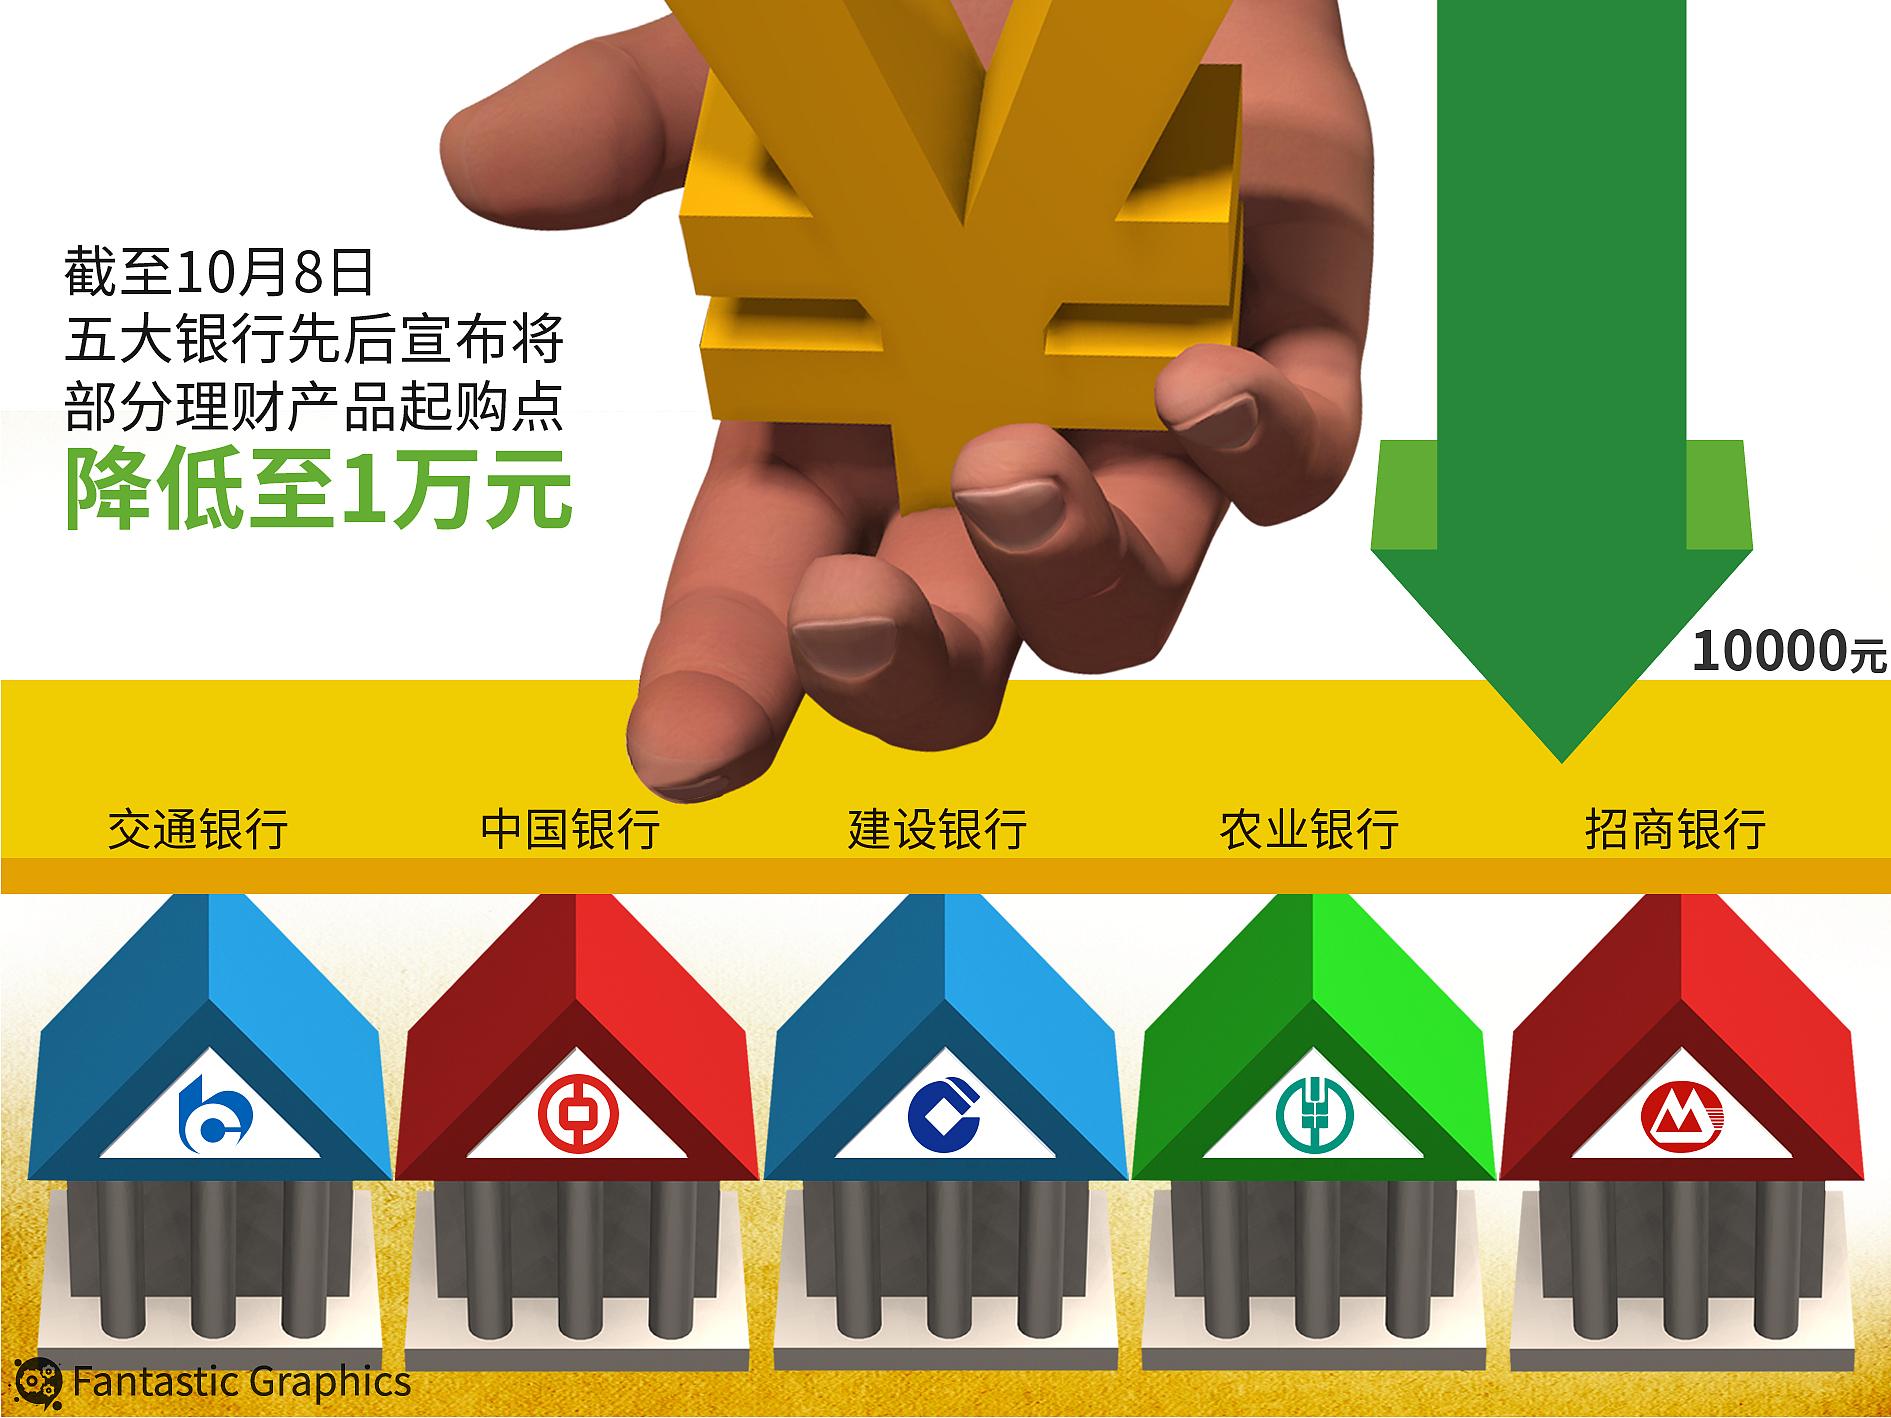 银行下调理财产品投资门槛